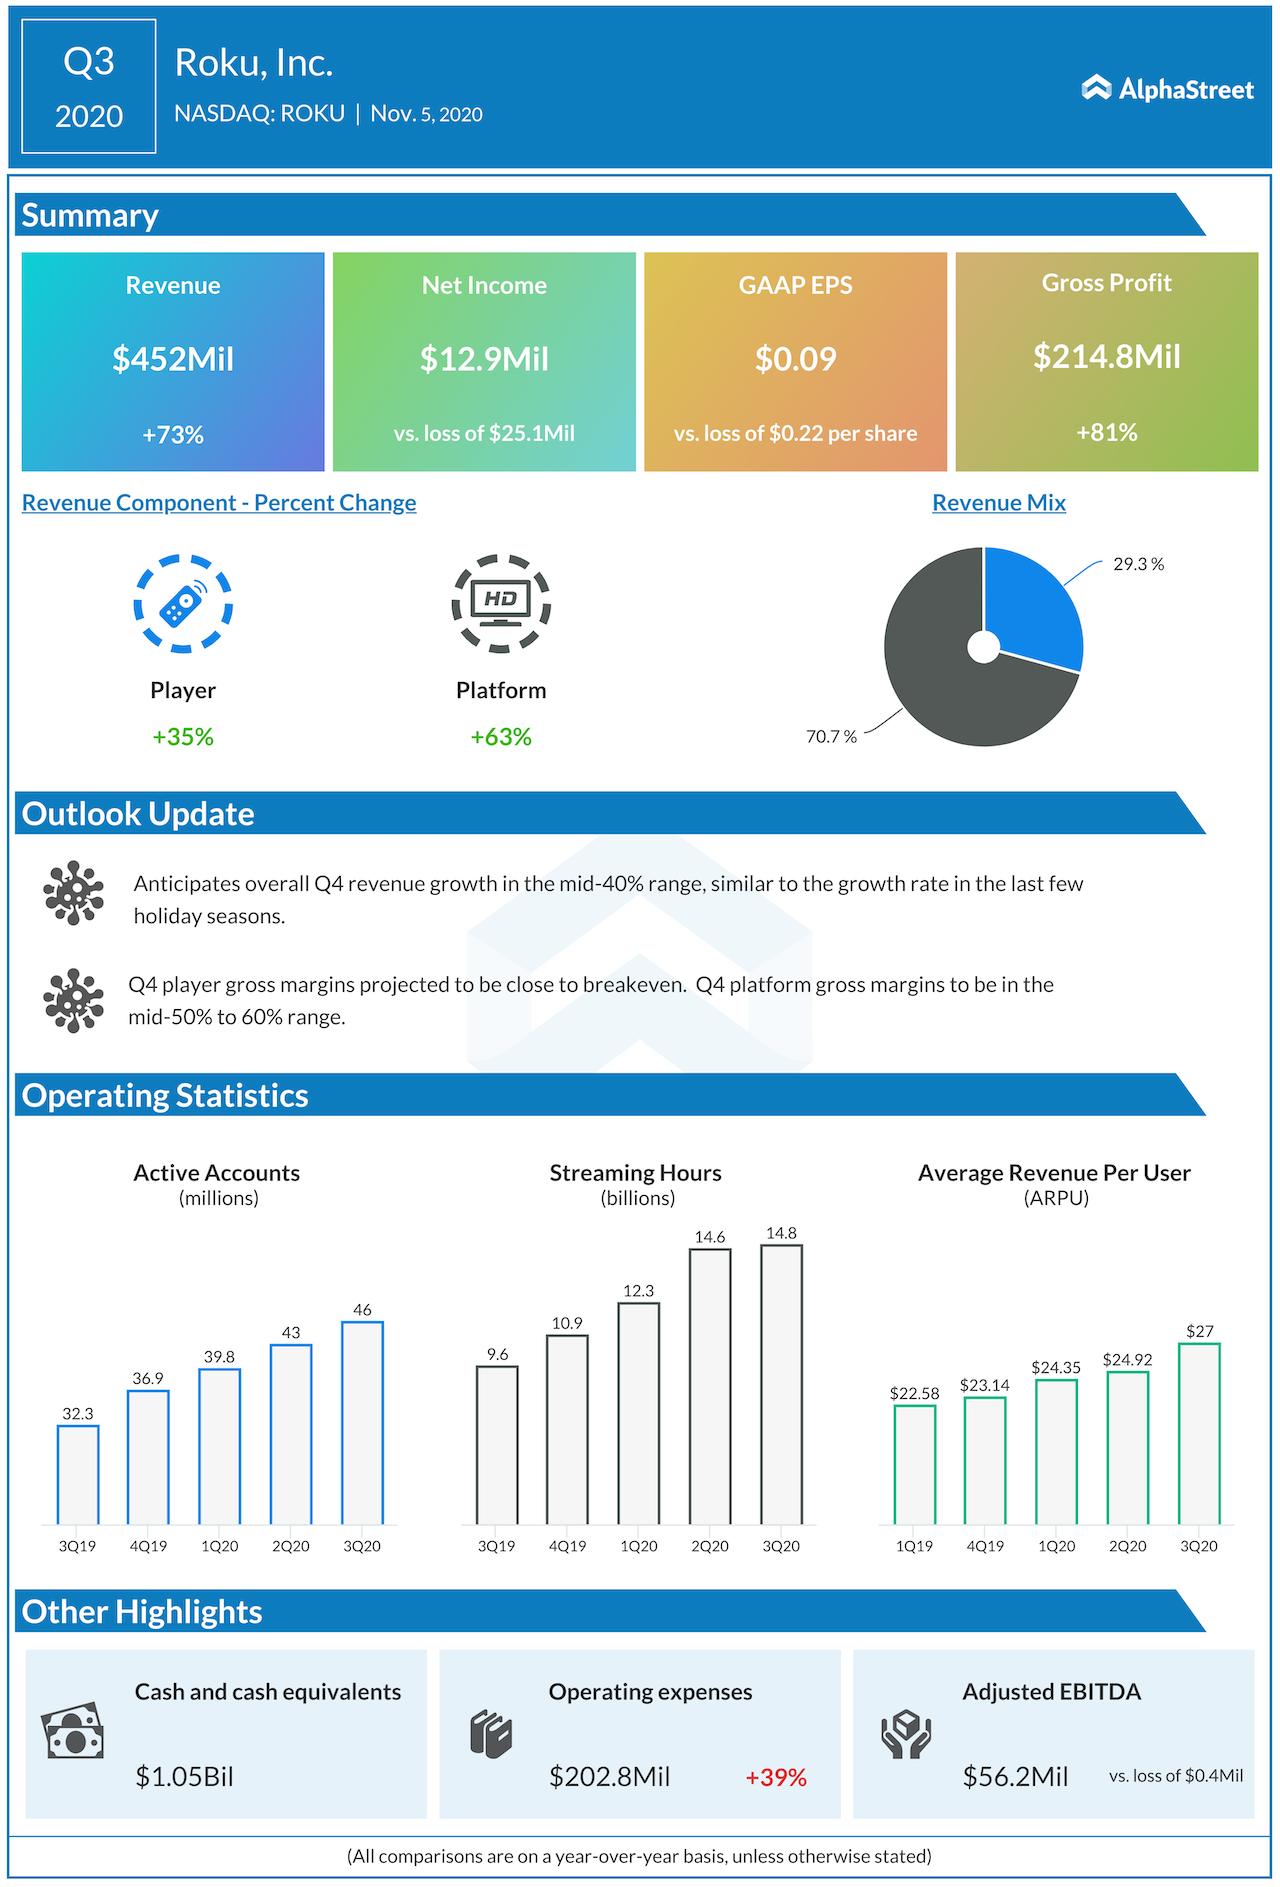 ROku Q3 2020 earnings